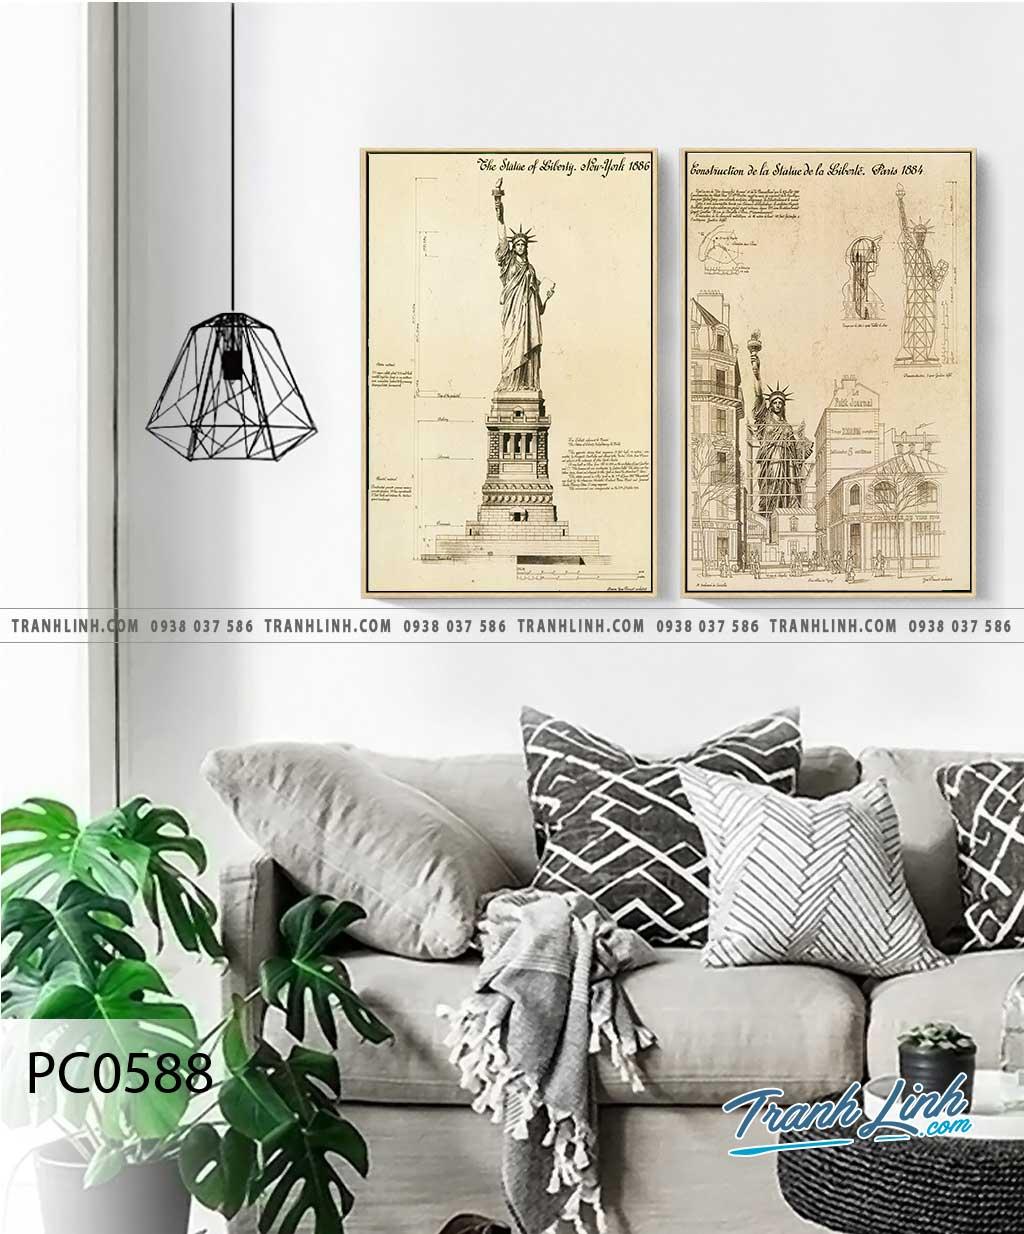 Bo tranh Canvas treo tuong trang tri phong khach phong canh PC0588